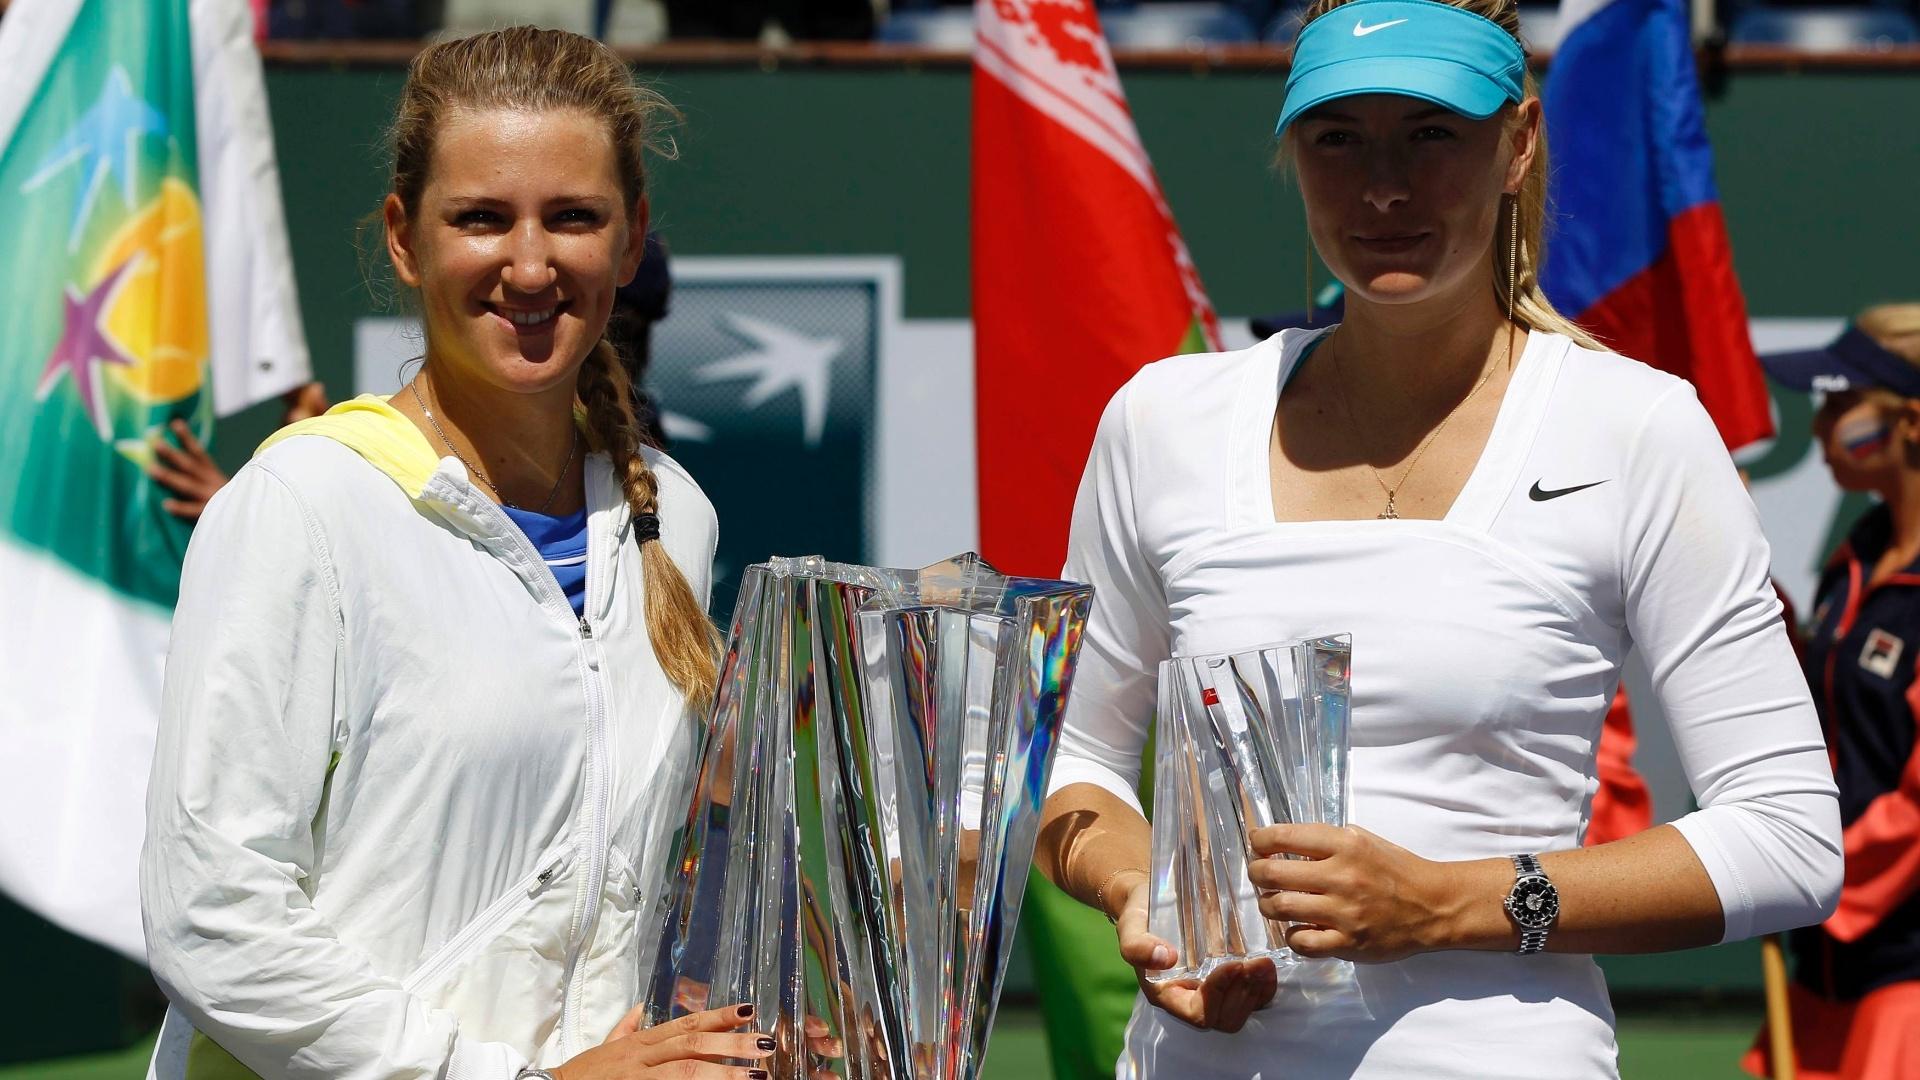 Victoria Azarenka (e.), da Bielorússia, e Maria Sharapova, da Rússia, posam com seus troféus em Indian Wells, Califórnia